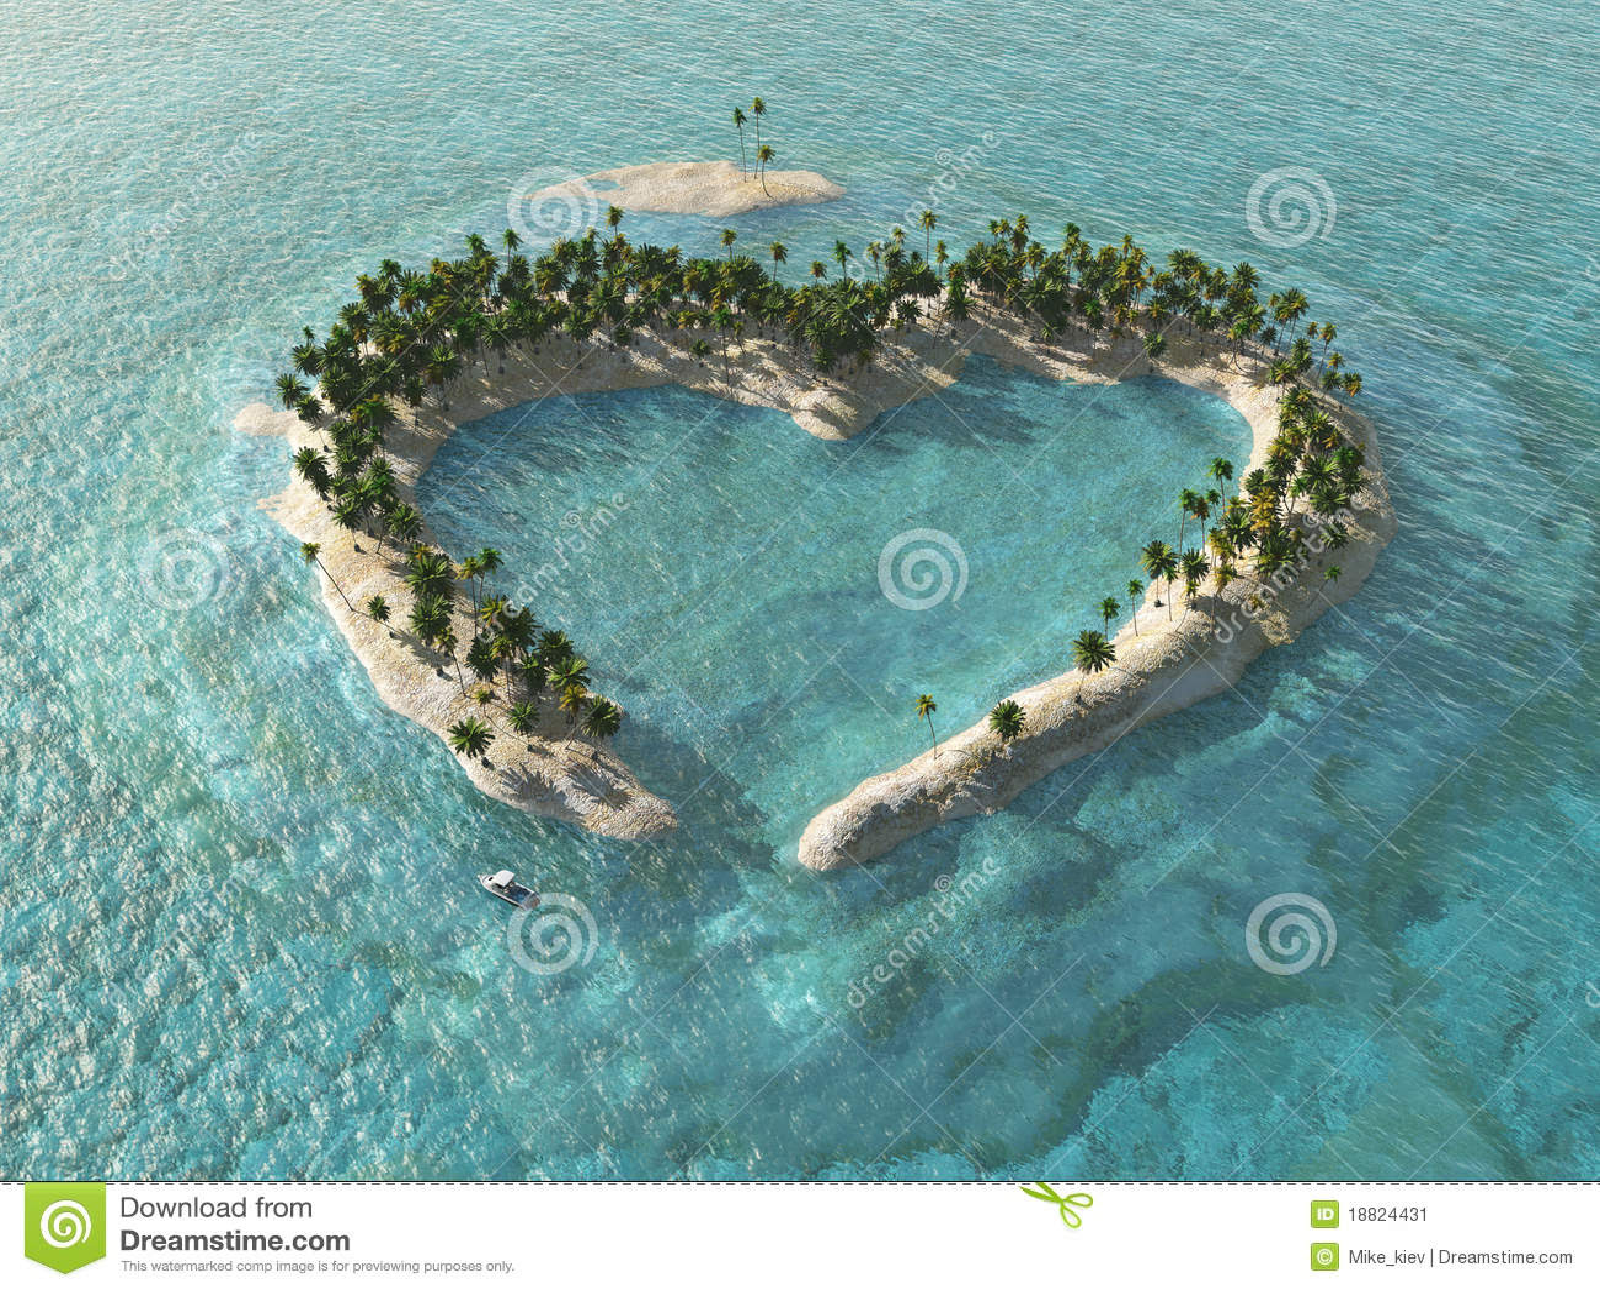 heart shaped tropical island 18824431